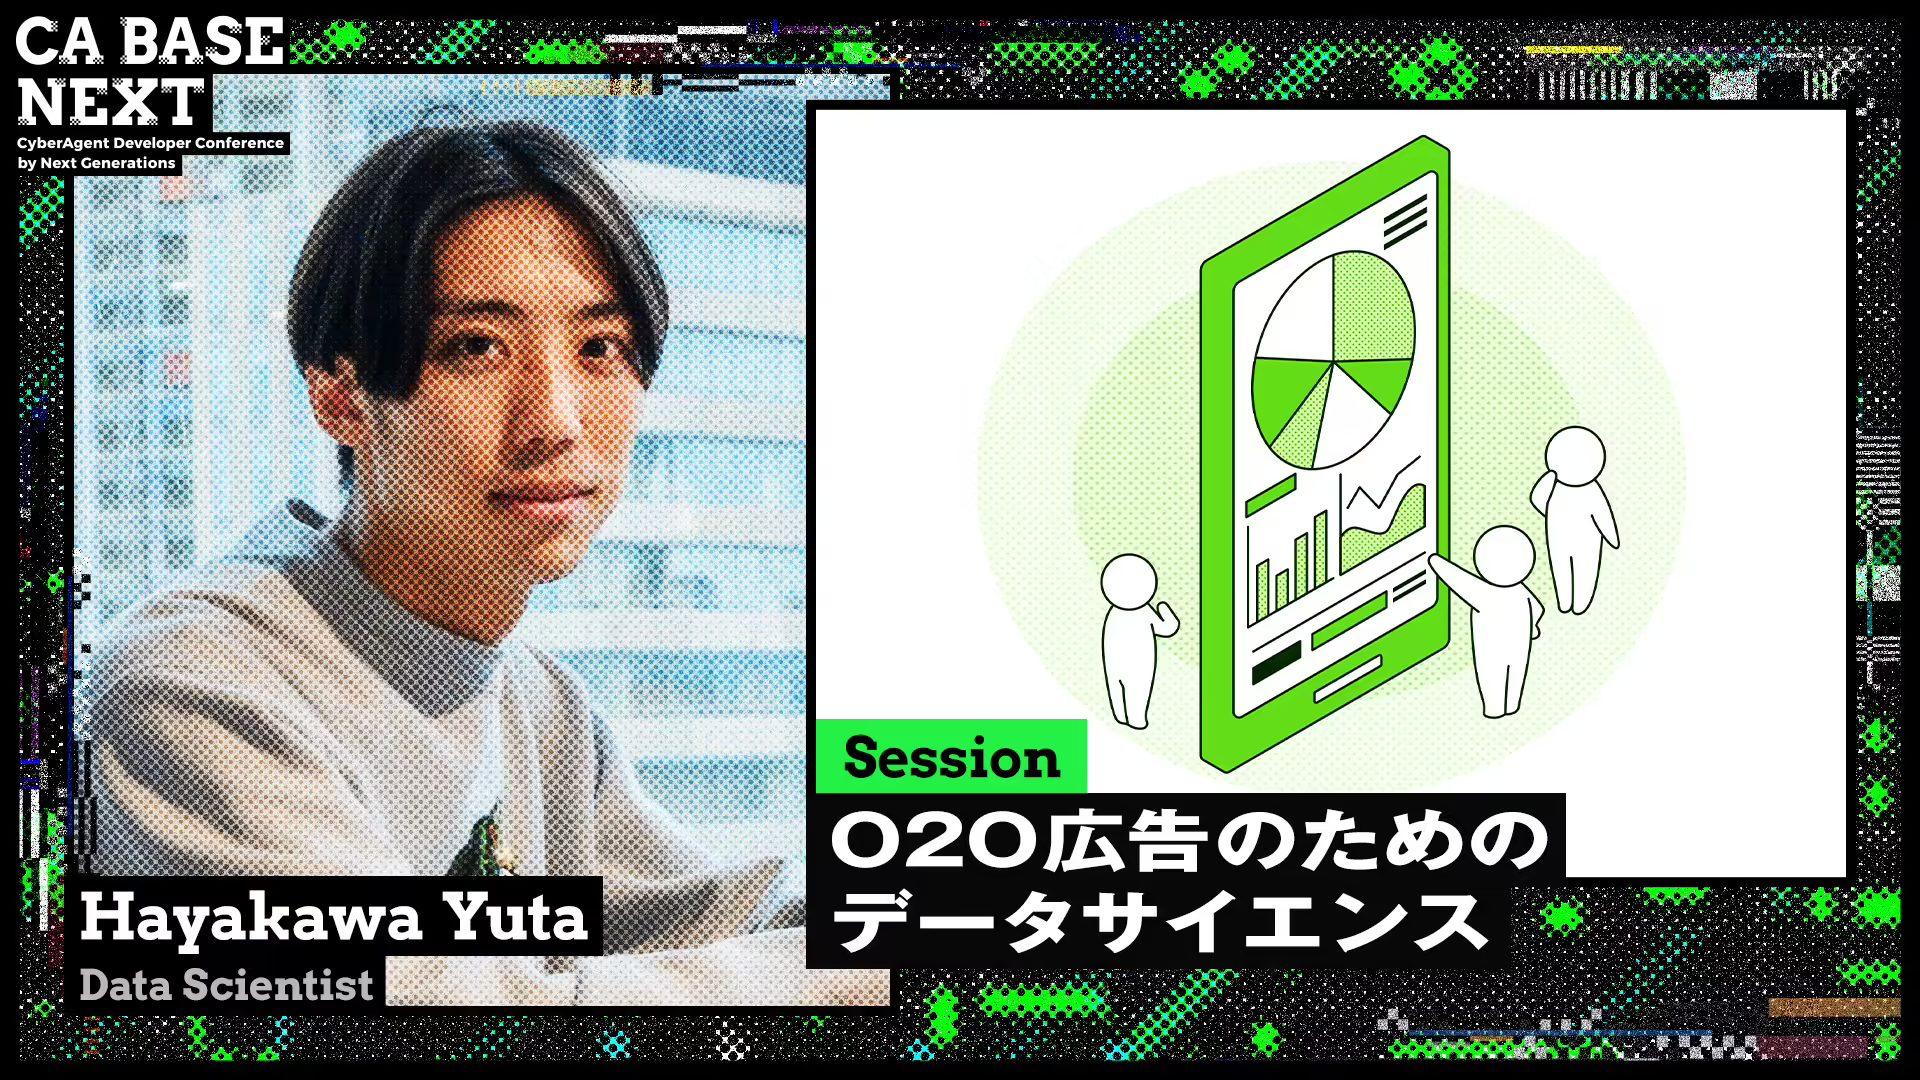 O2O広告のためのデータサイエンス